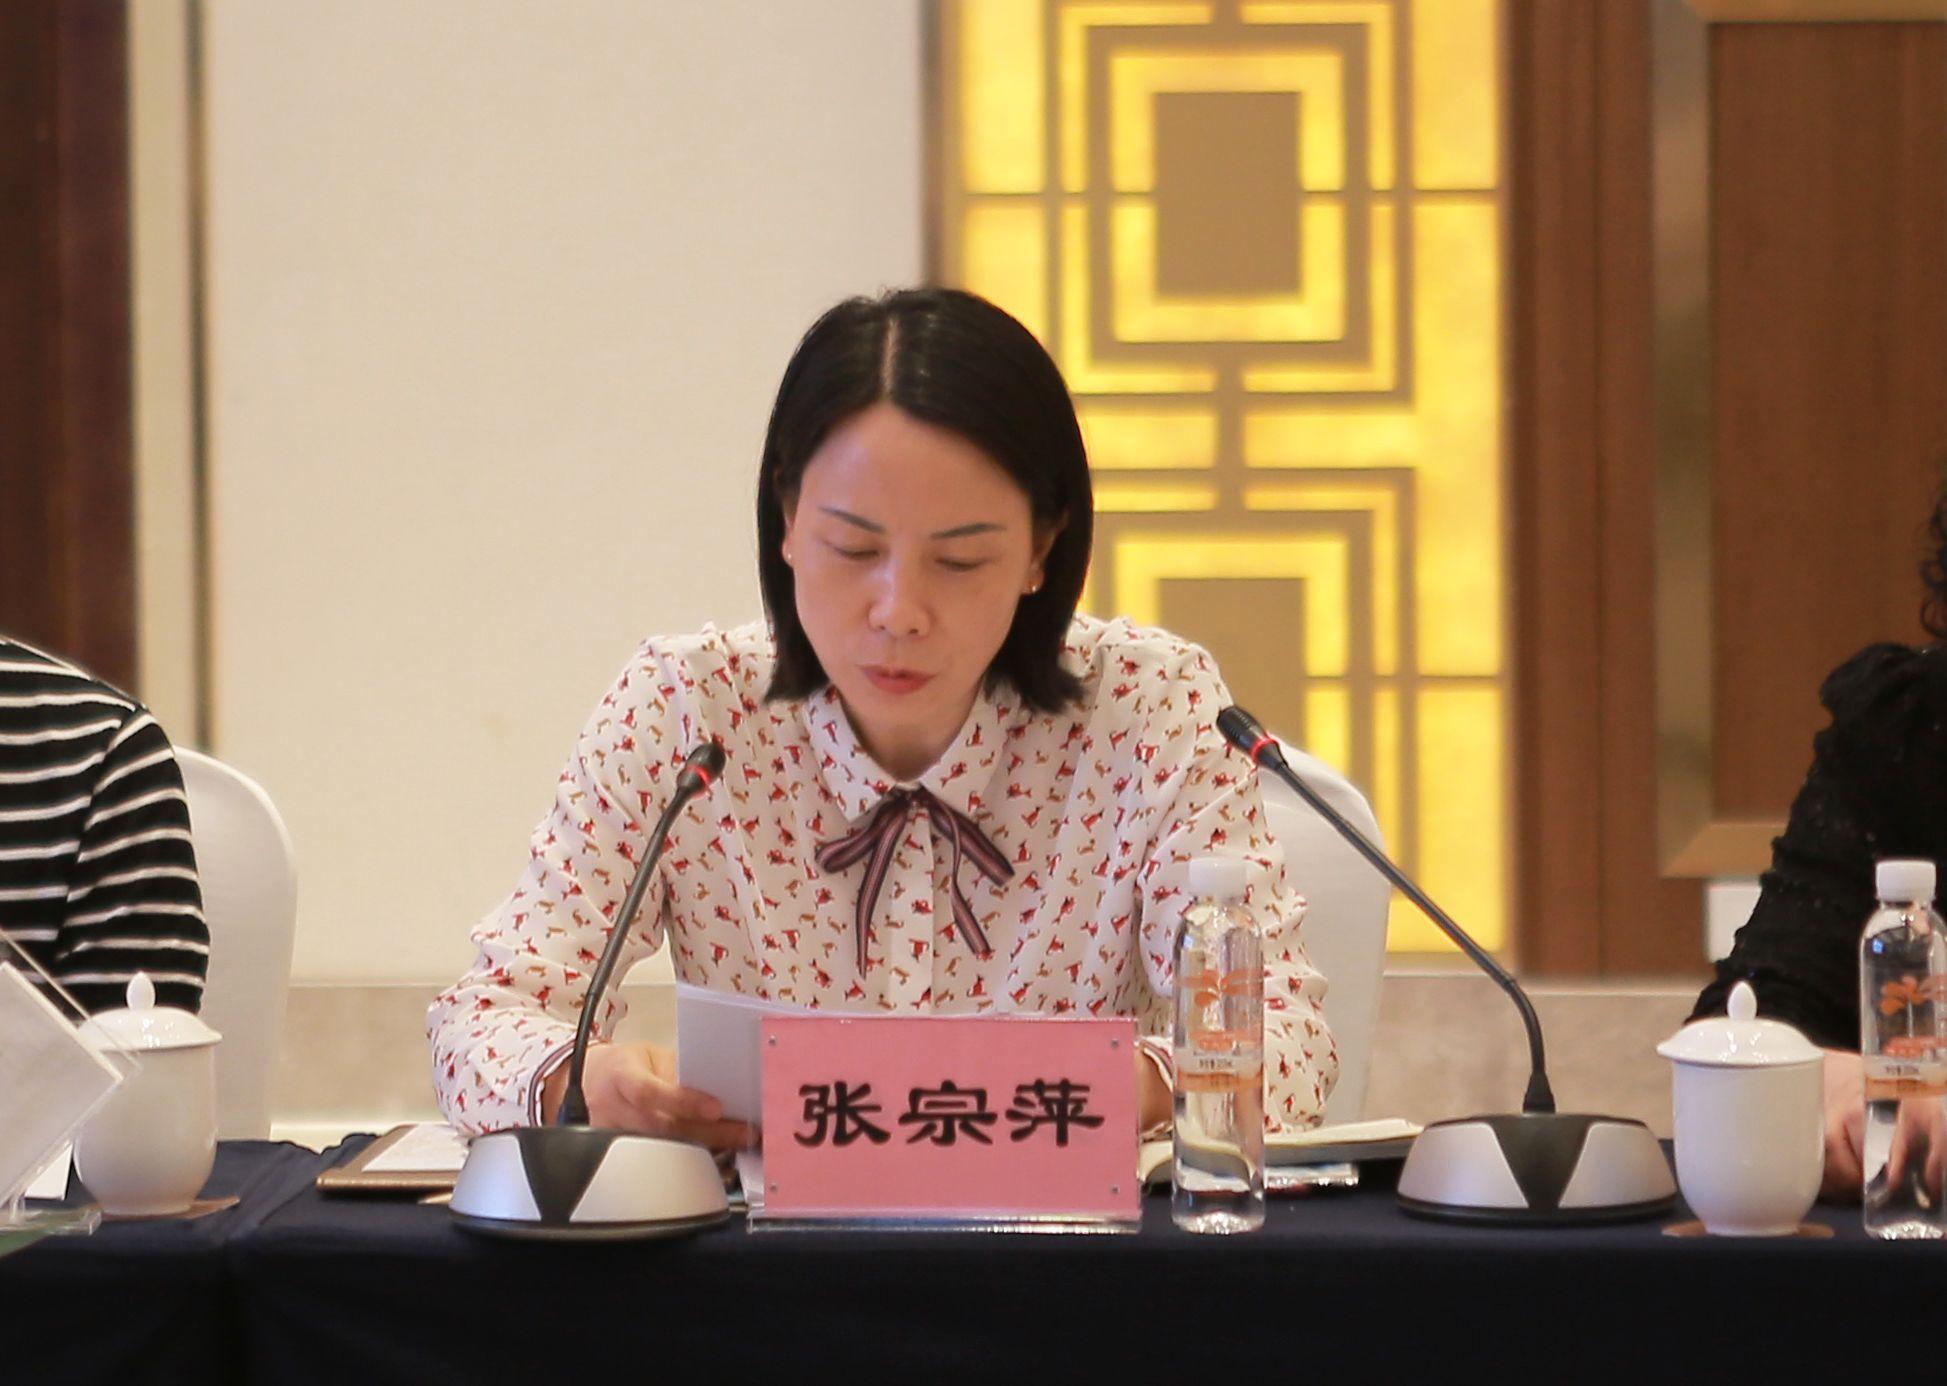 2020年6月3日下午,遵义市播州区中医院三级中医医院评审工作汇报会在桂花山大酒店举行,副区长张宗萍致欢迎辞。